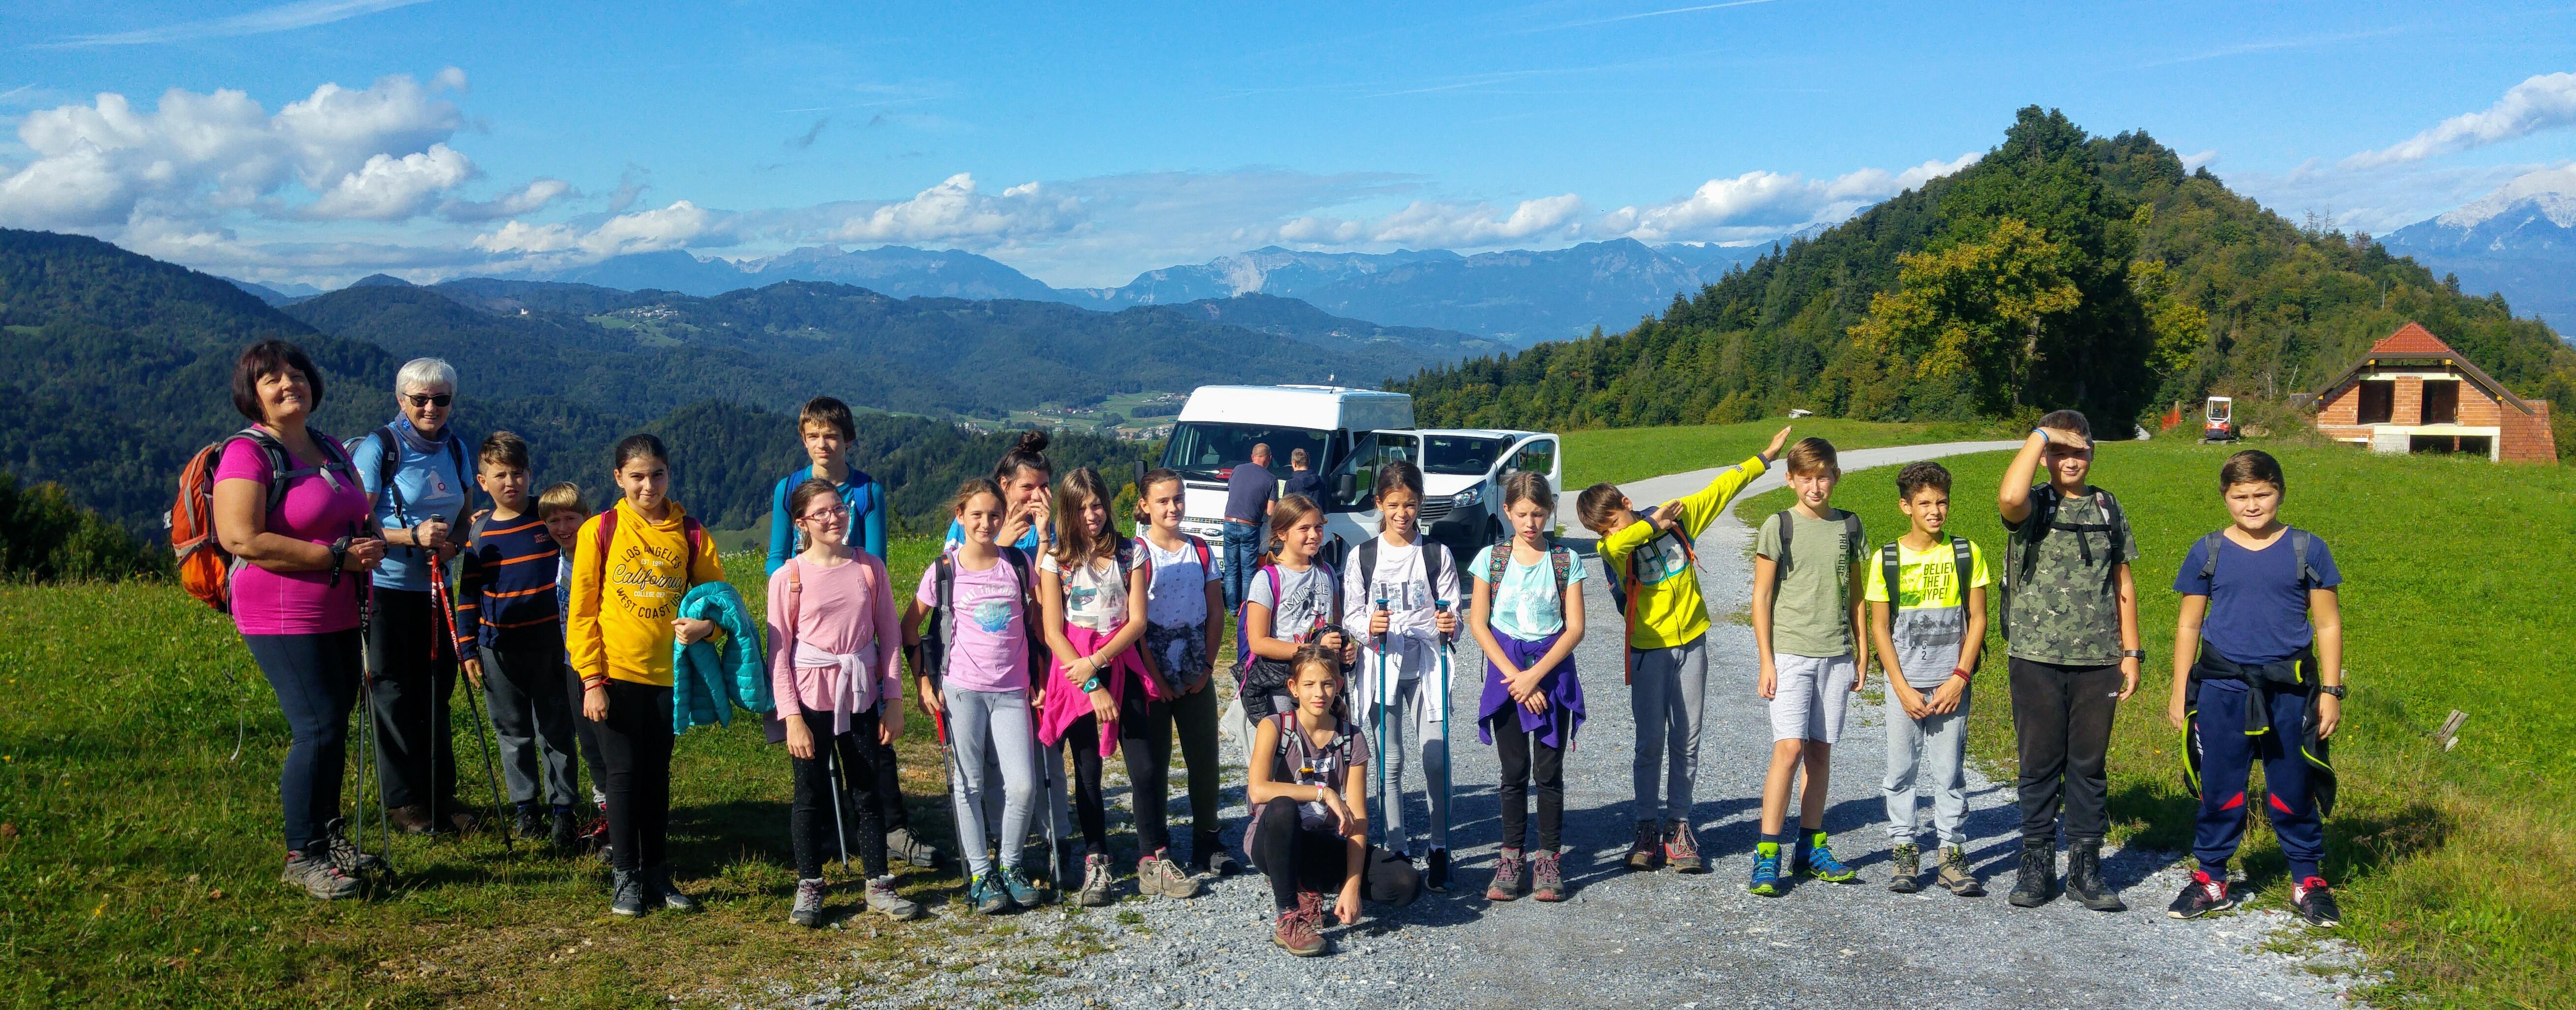 100. Loška planinska pot (Sv. Andrej), 26.9.2019